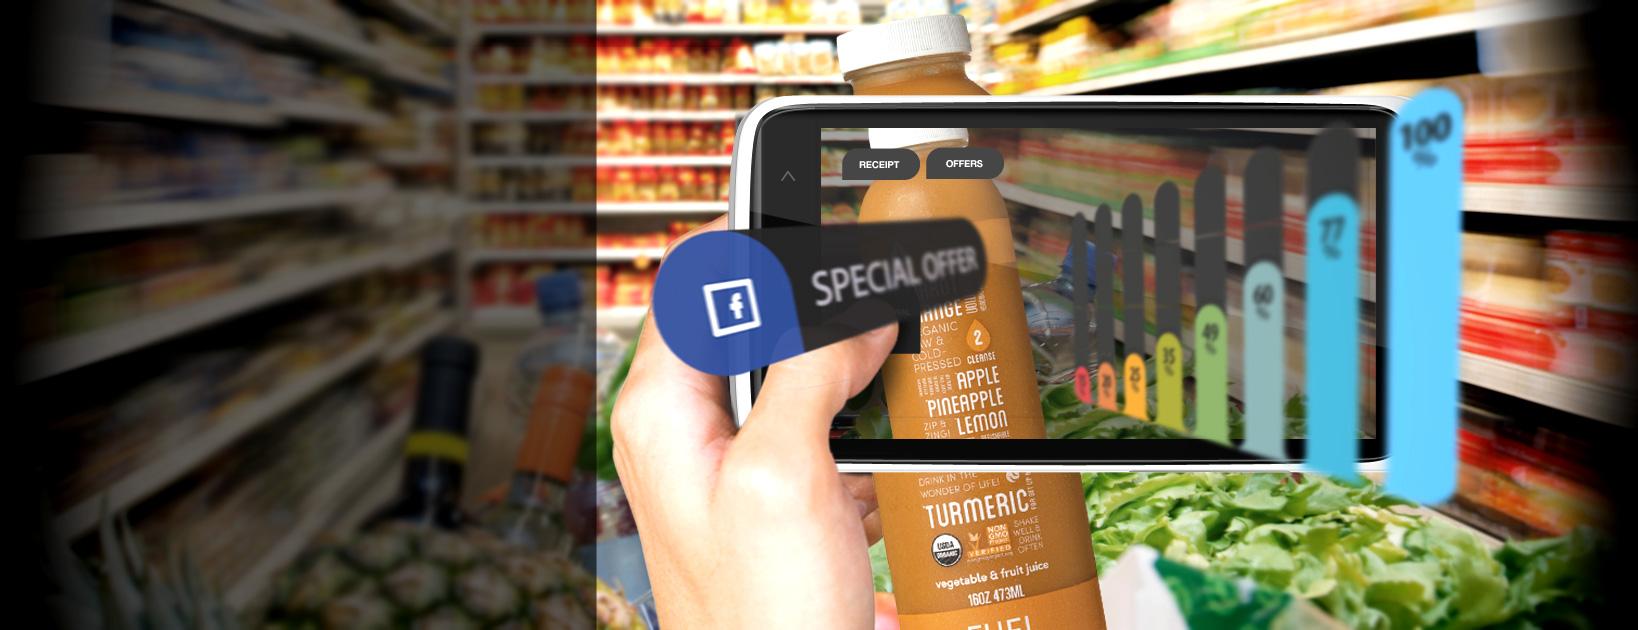 La realidad aumentada y el Retail